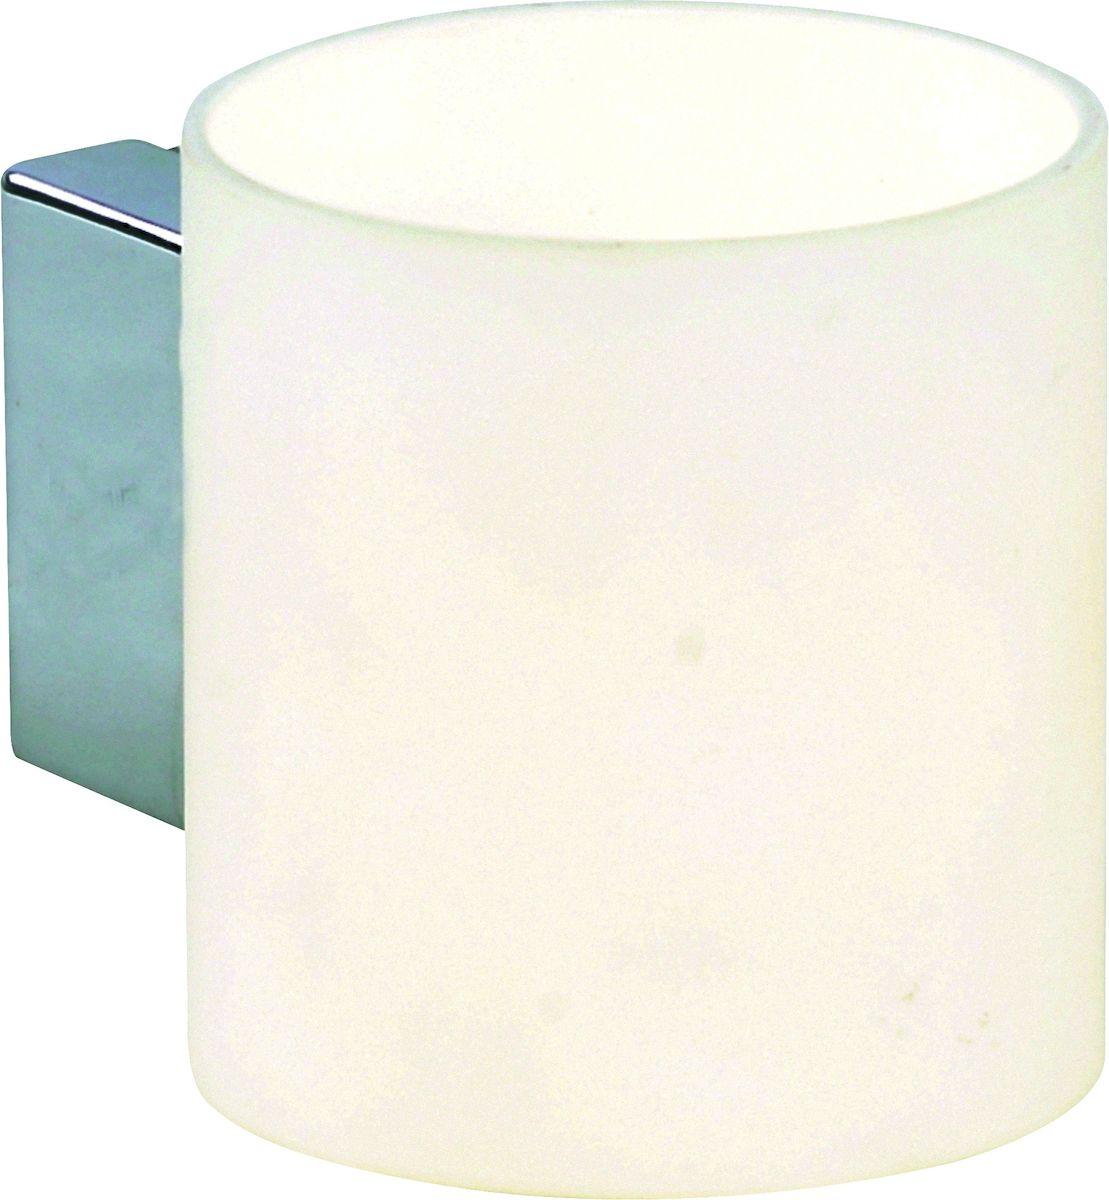 Светильник настенный Arte Lamp Interior. A7860AP-1WHA7860AP-1WHСветильник Arte Lamp Interior поможет создать в вашем доме атмосферу уюта и комфорта. Благодаря высококачественным материалам он практичен в использовании и отлично работает на протяжении долгого периода времени. Цоколь: G9, 1х40 Ватт.